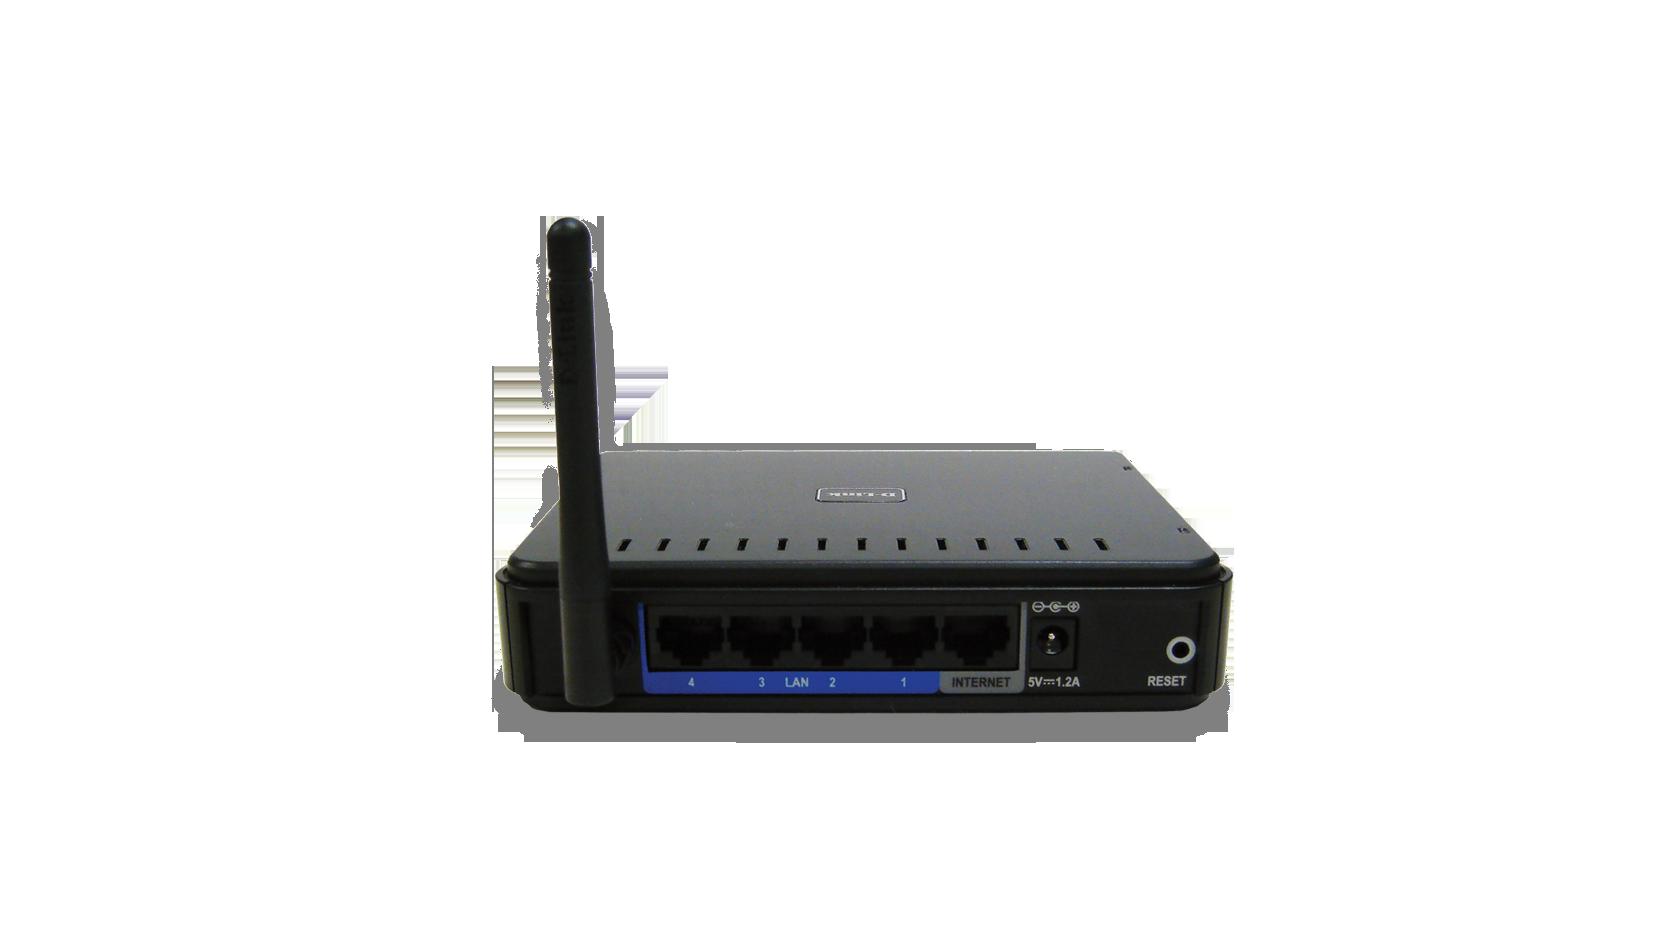 Dir 600 Wireless N 150 Home Router D Link Uk